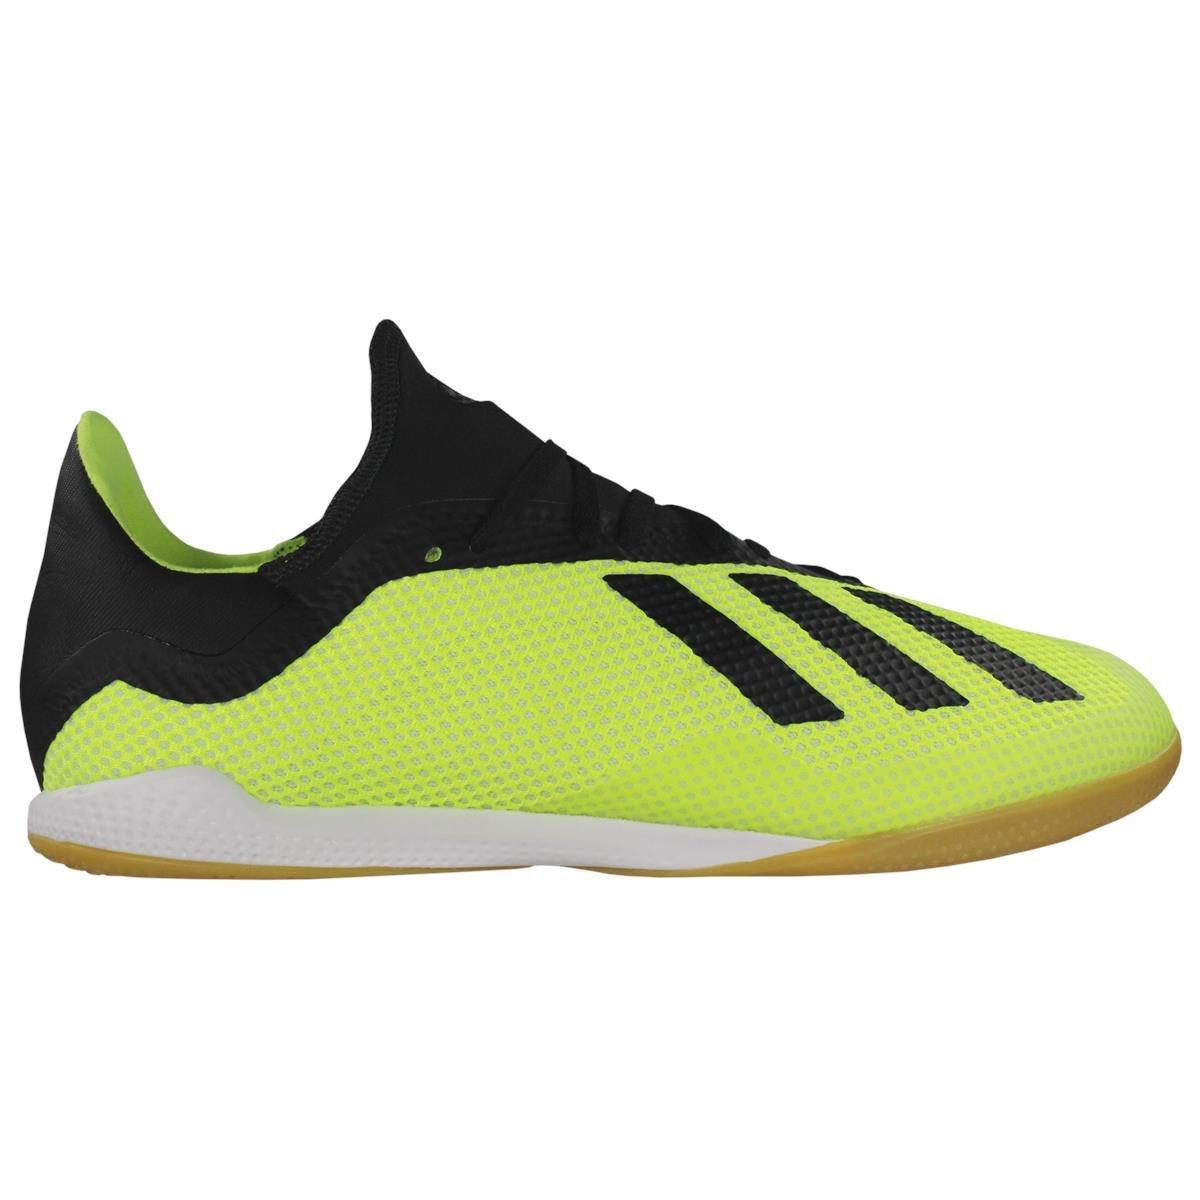 8091d75ed3cea CHUTEIRA FUTSAL ADIDAS X TANGO 18.3 IN - Compre Agora | Radan Esportes